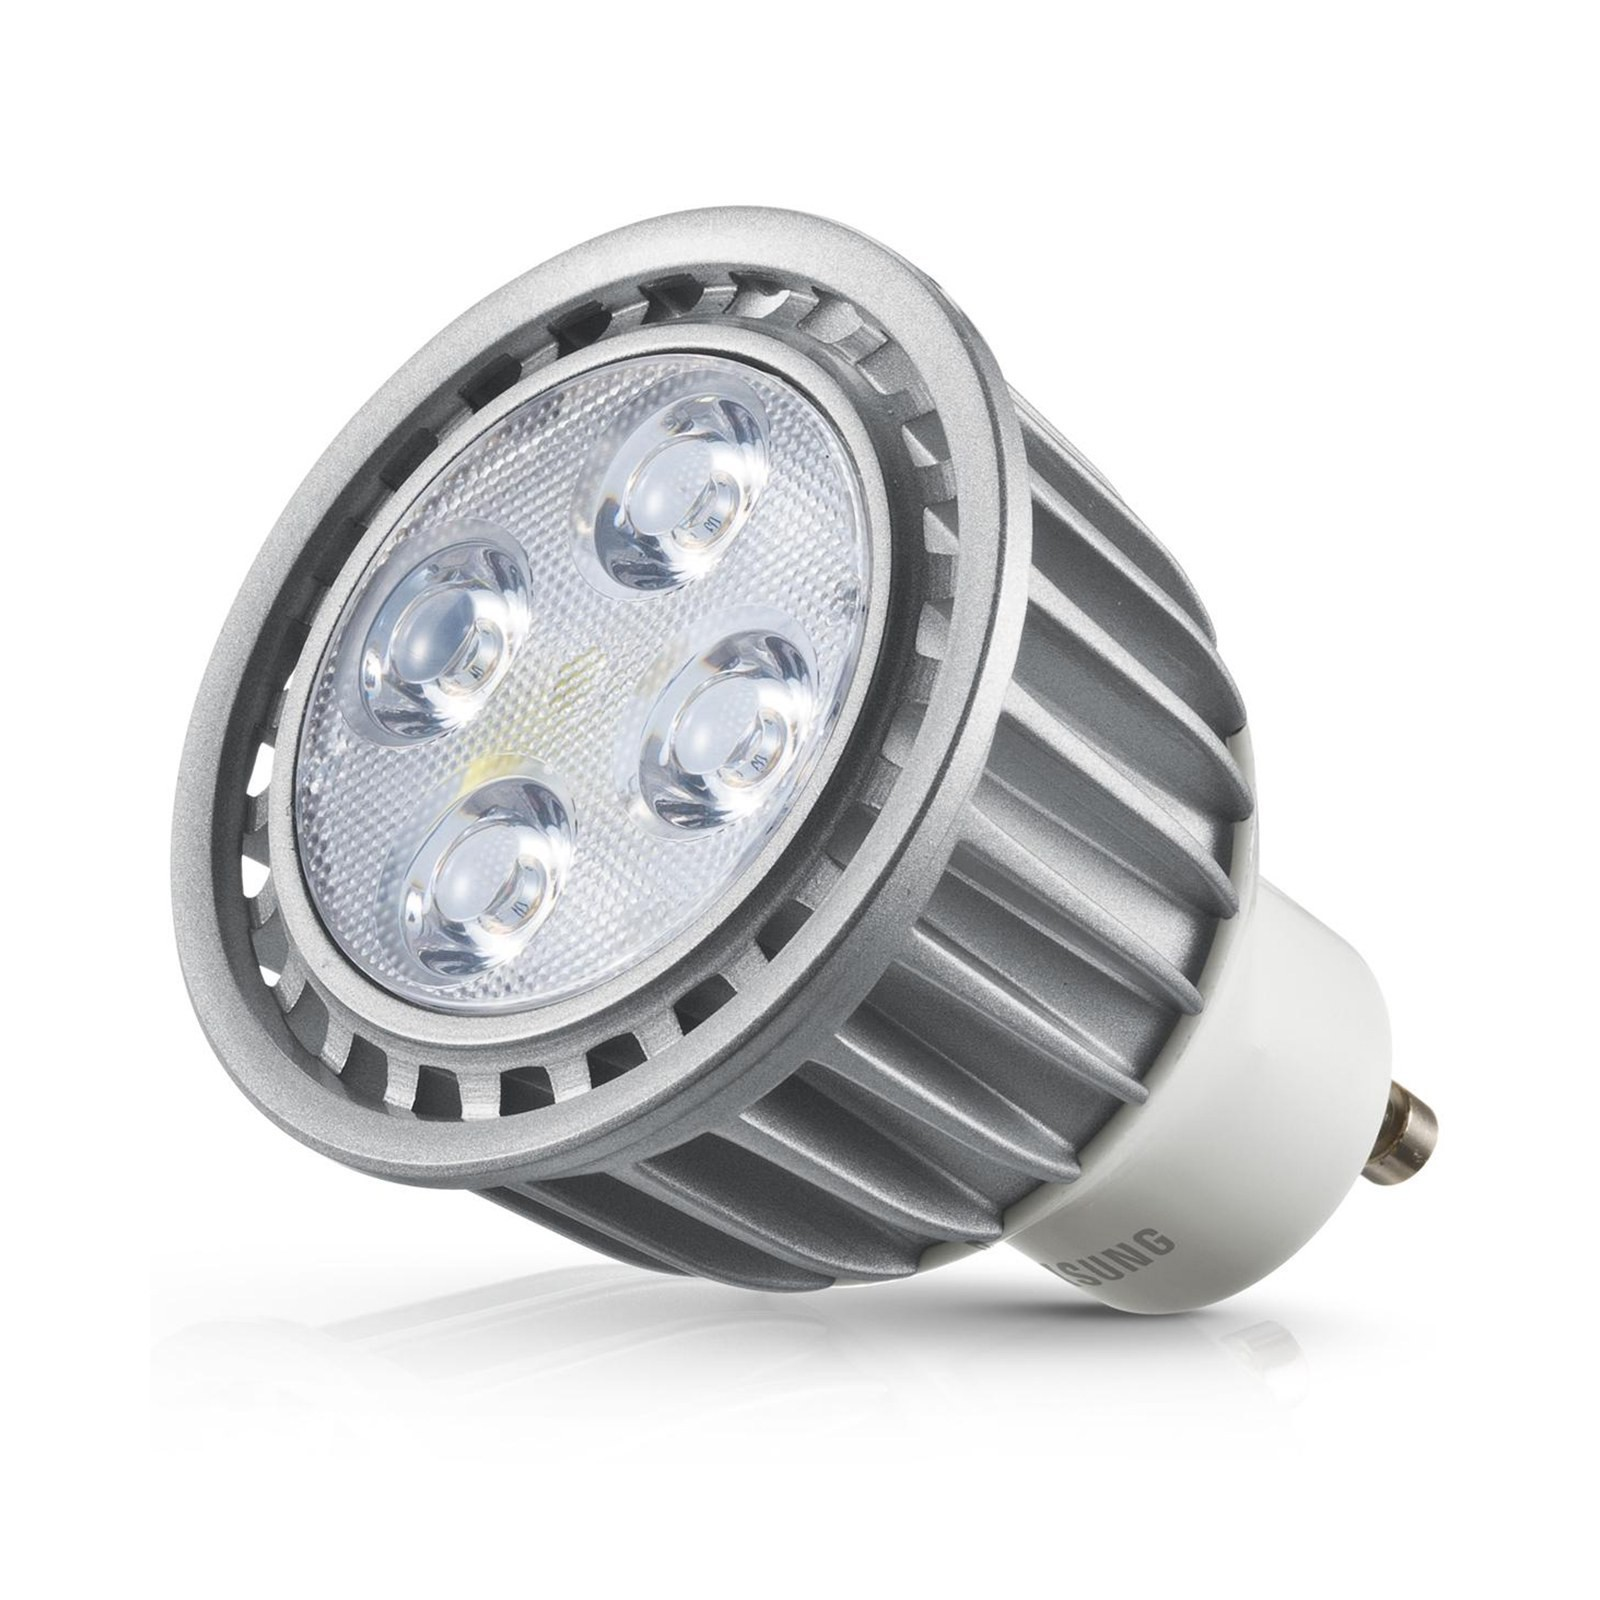 Lampadine led per lampadario: illuminazione led casa. moderno ...